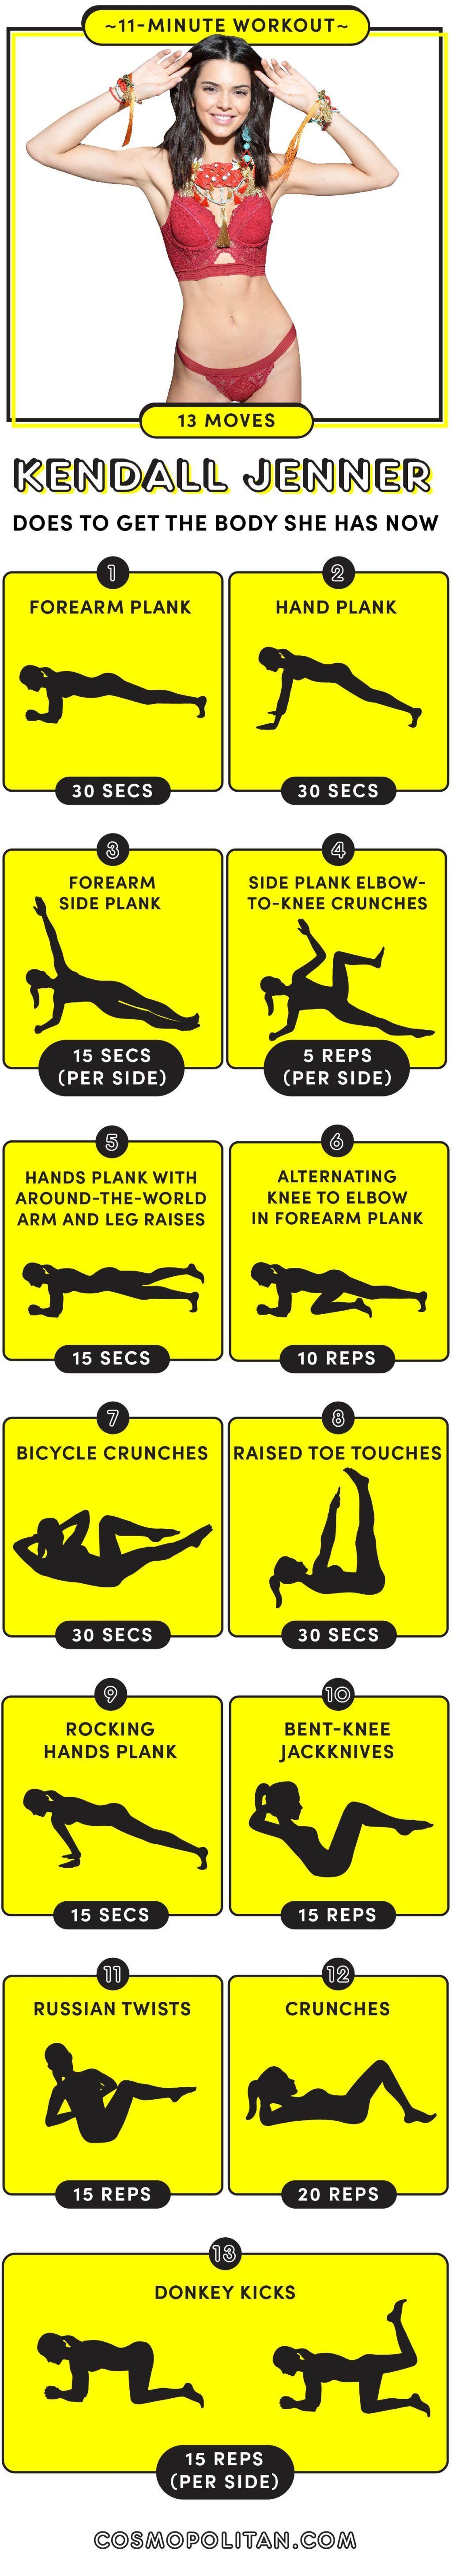 routine di ginnastica settimanale per dimagrire